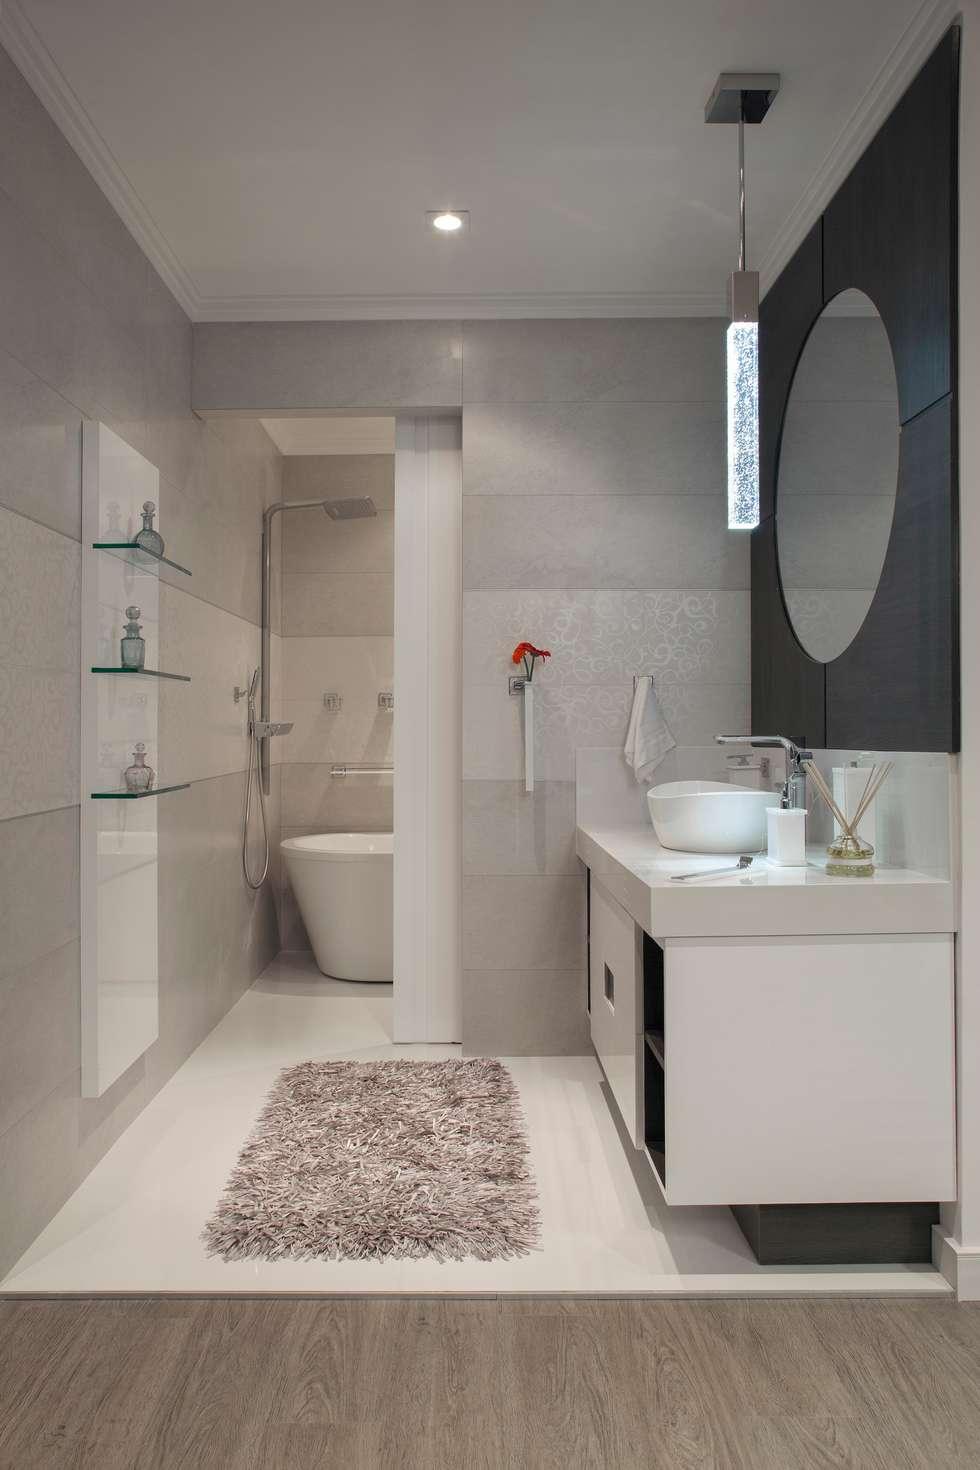 Banheiro do Loft: Banheiros modernos por  Adriana Fiali e Rose Corsini - FICODesign